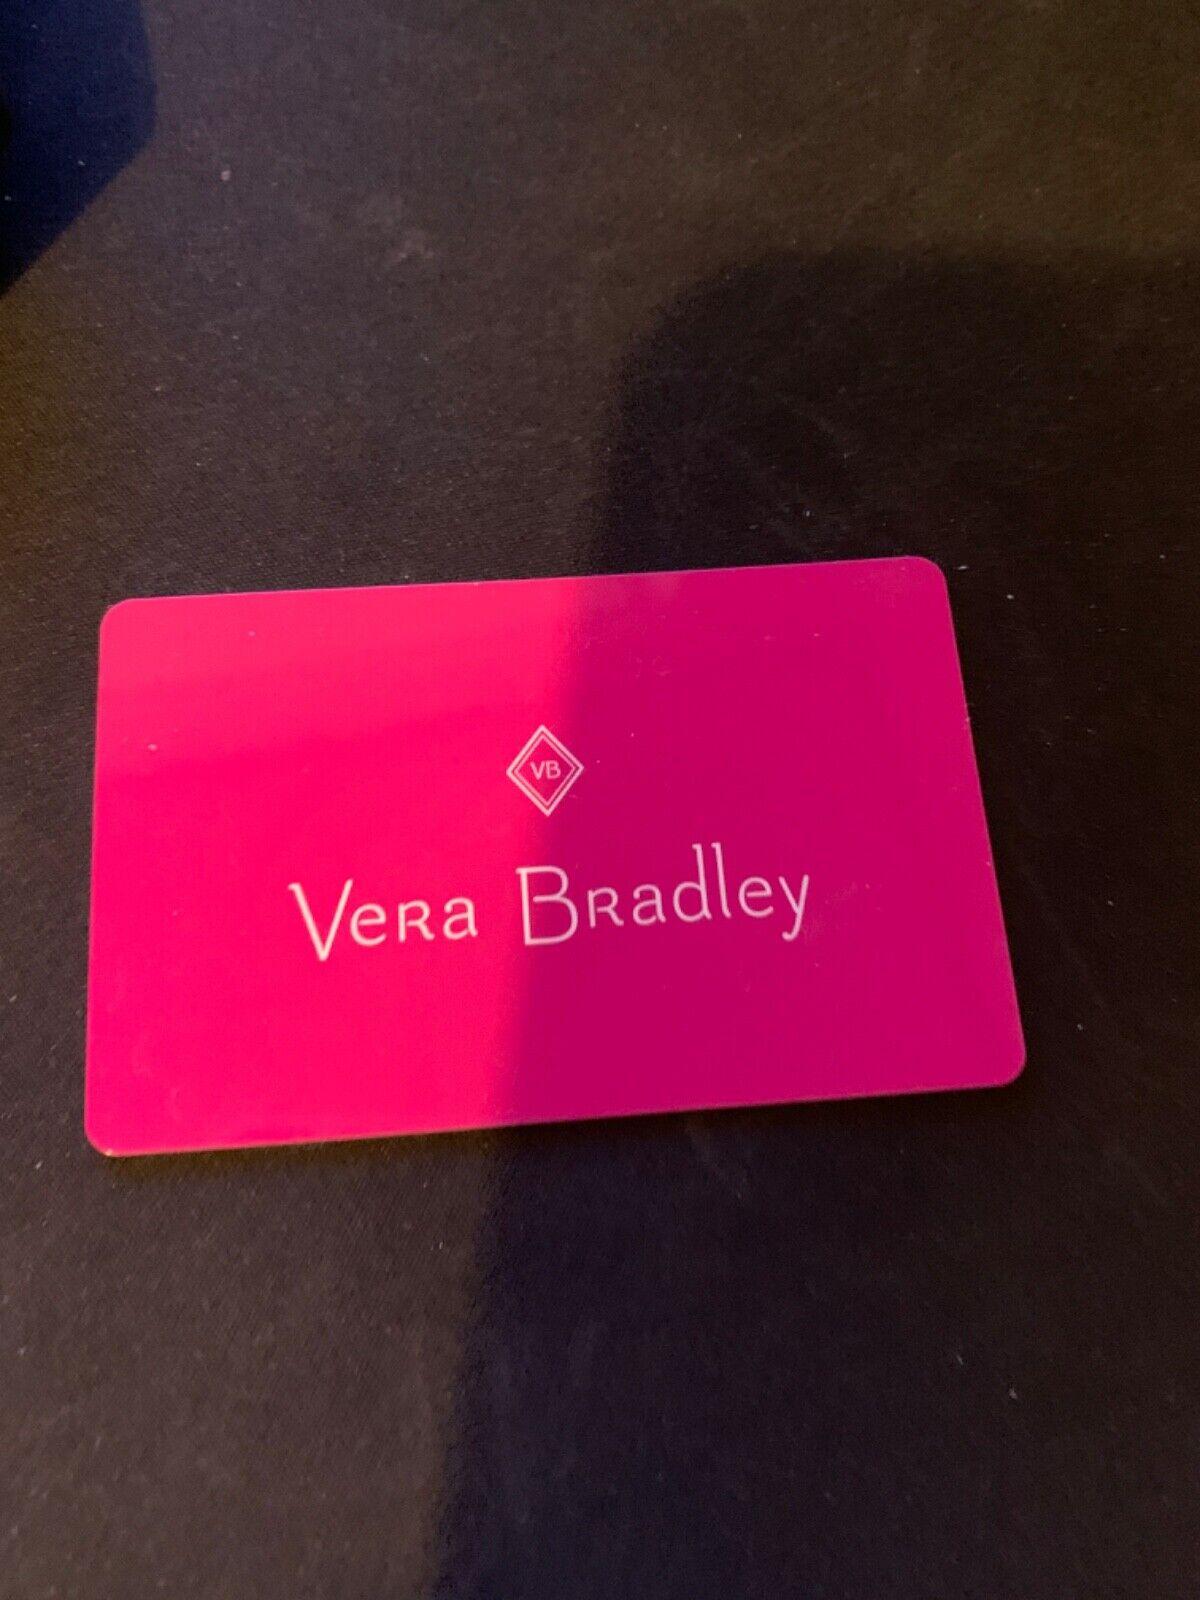 Vera Bradley Gift Card 67.00 - $56.00